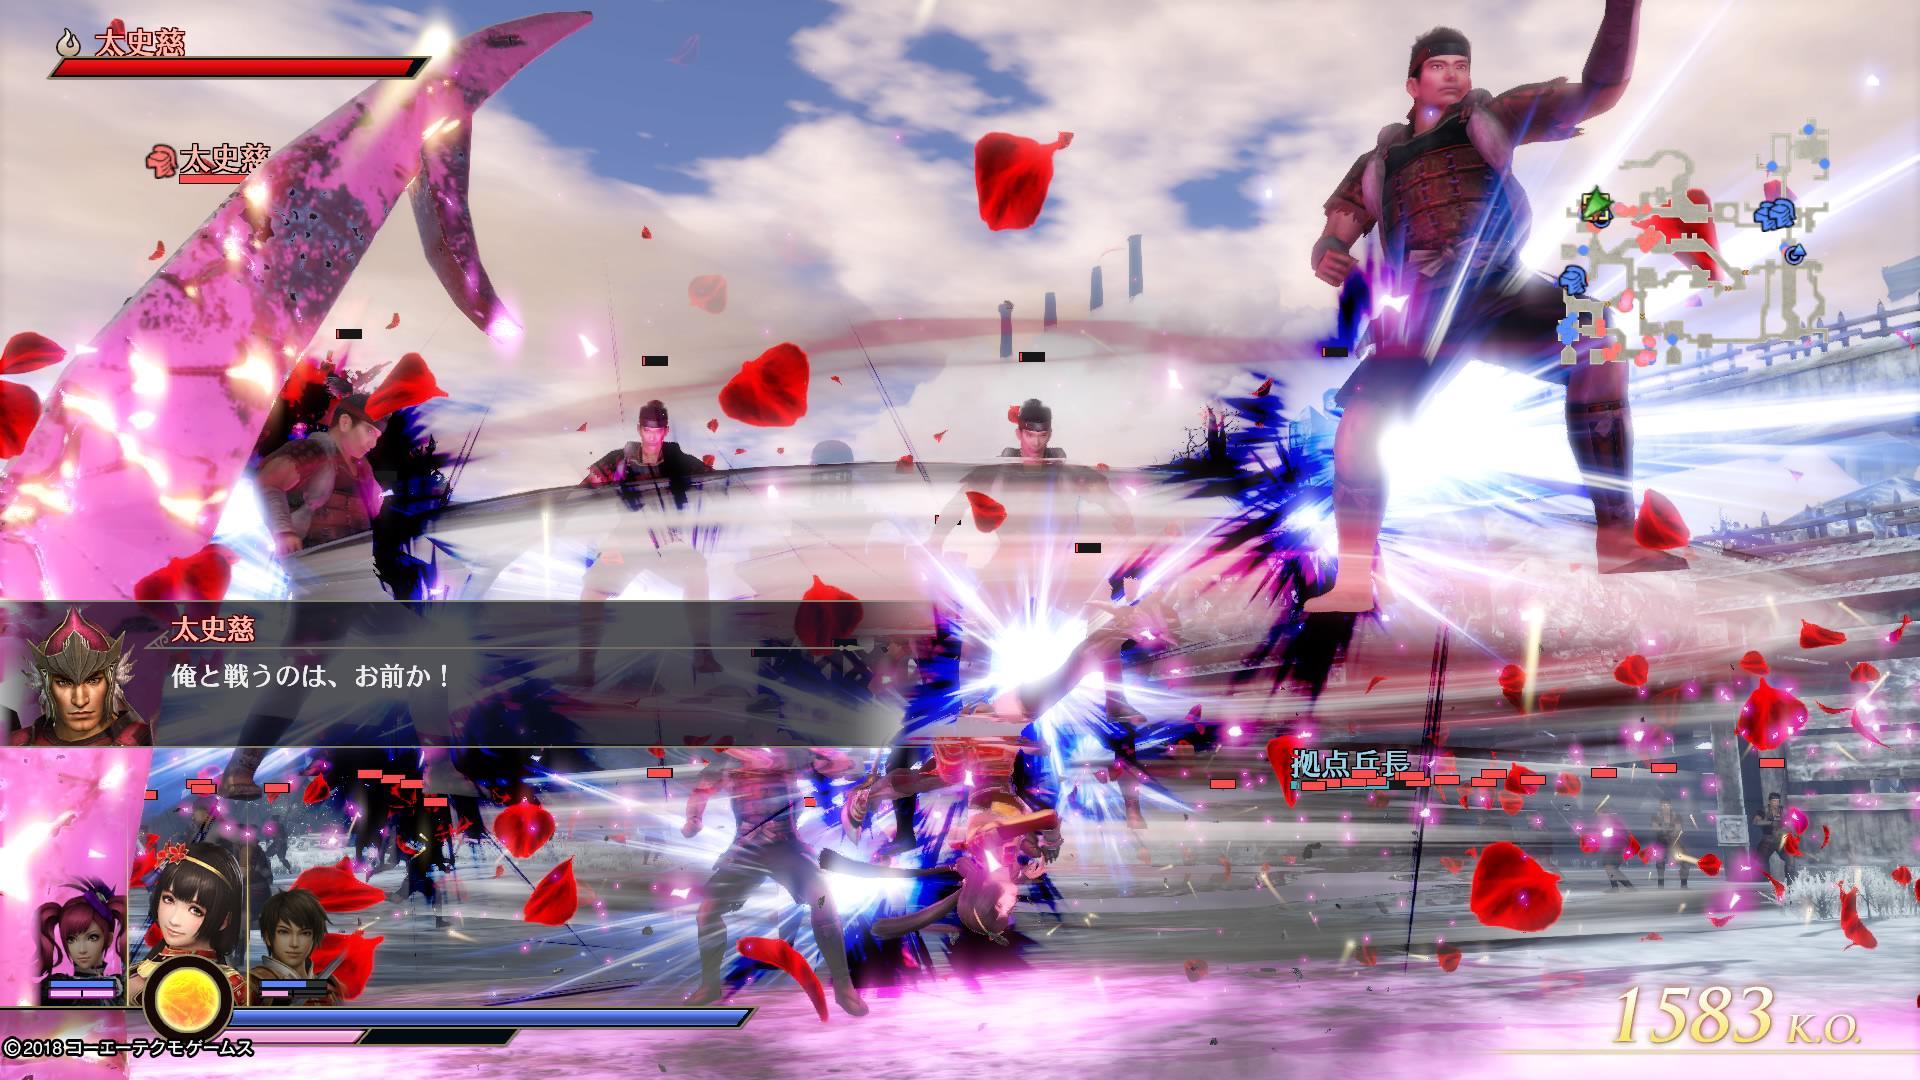 《无双大蛇3》详细情报公开 武将演示合体神术曝光